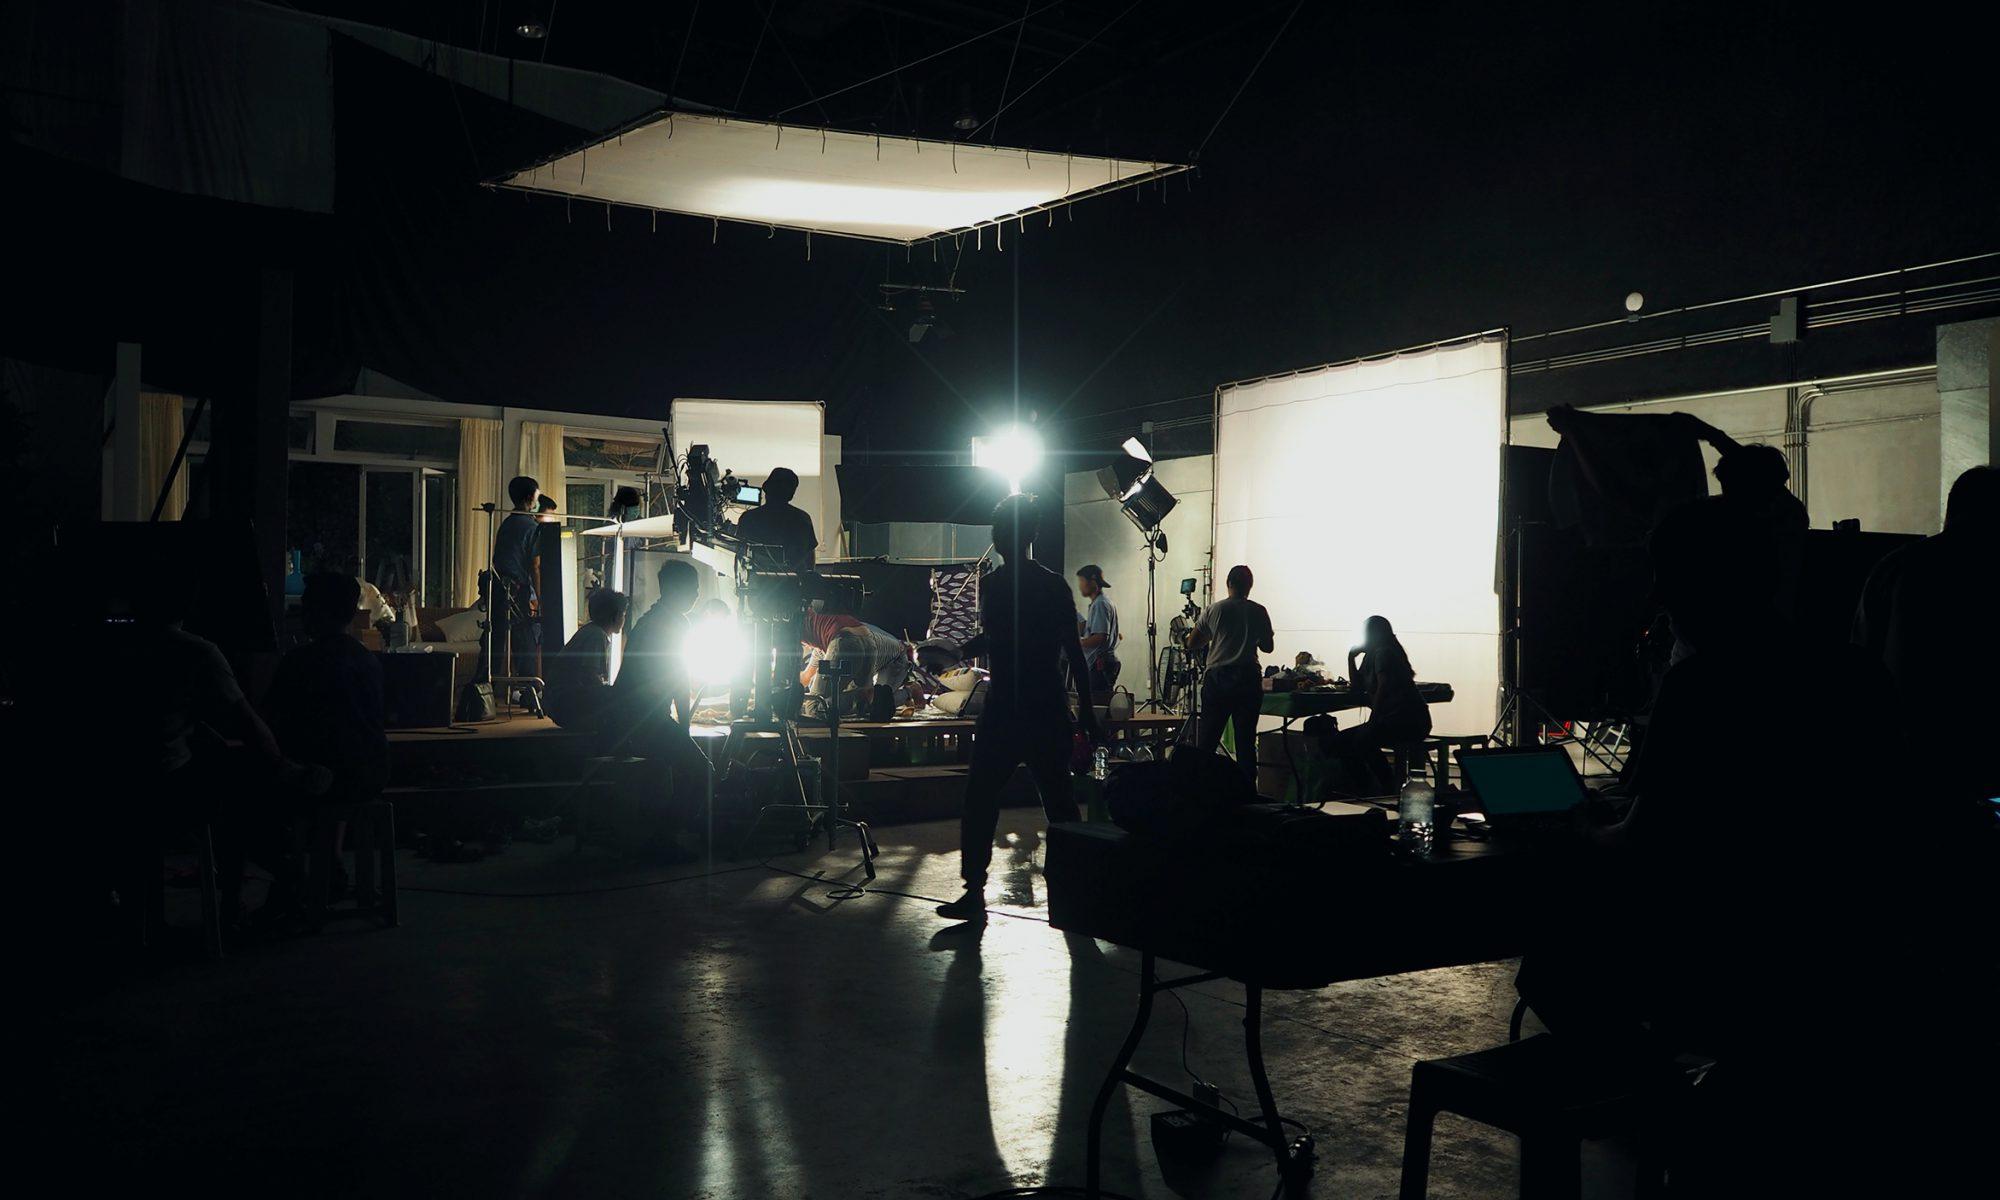 Studio Filmowe N.